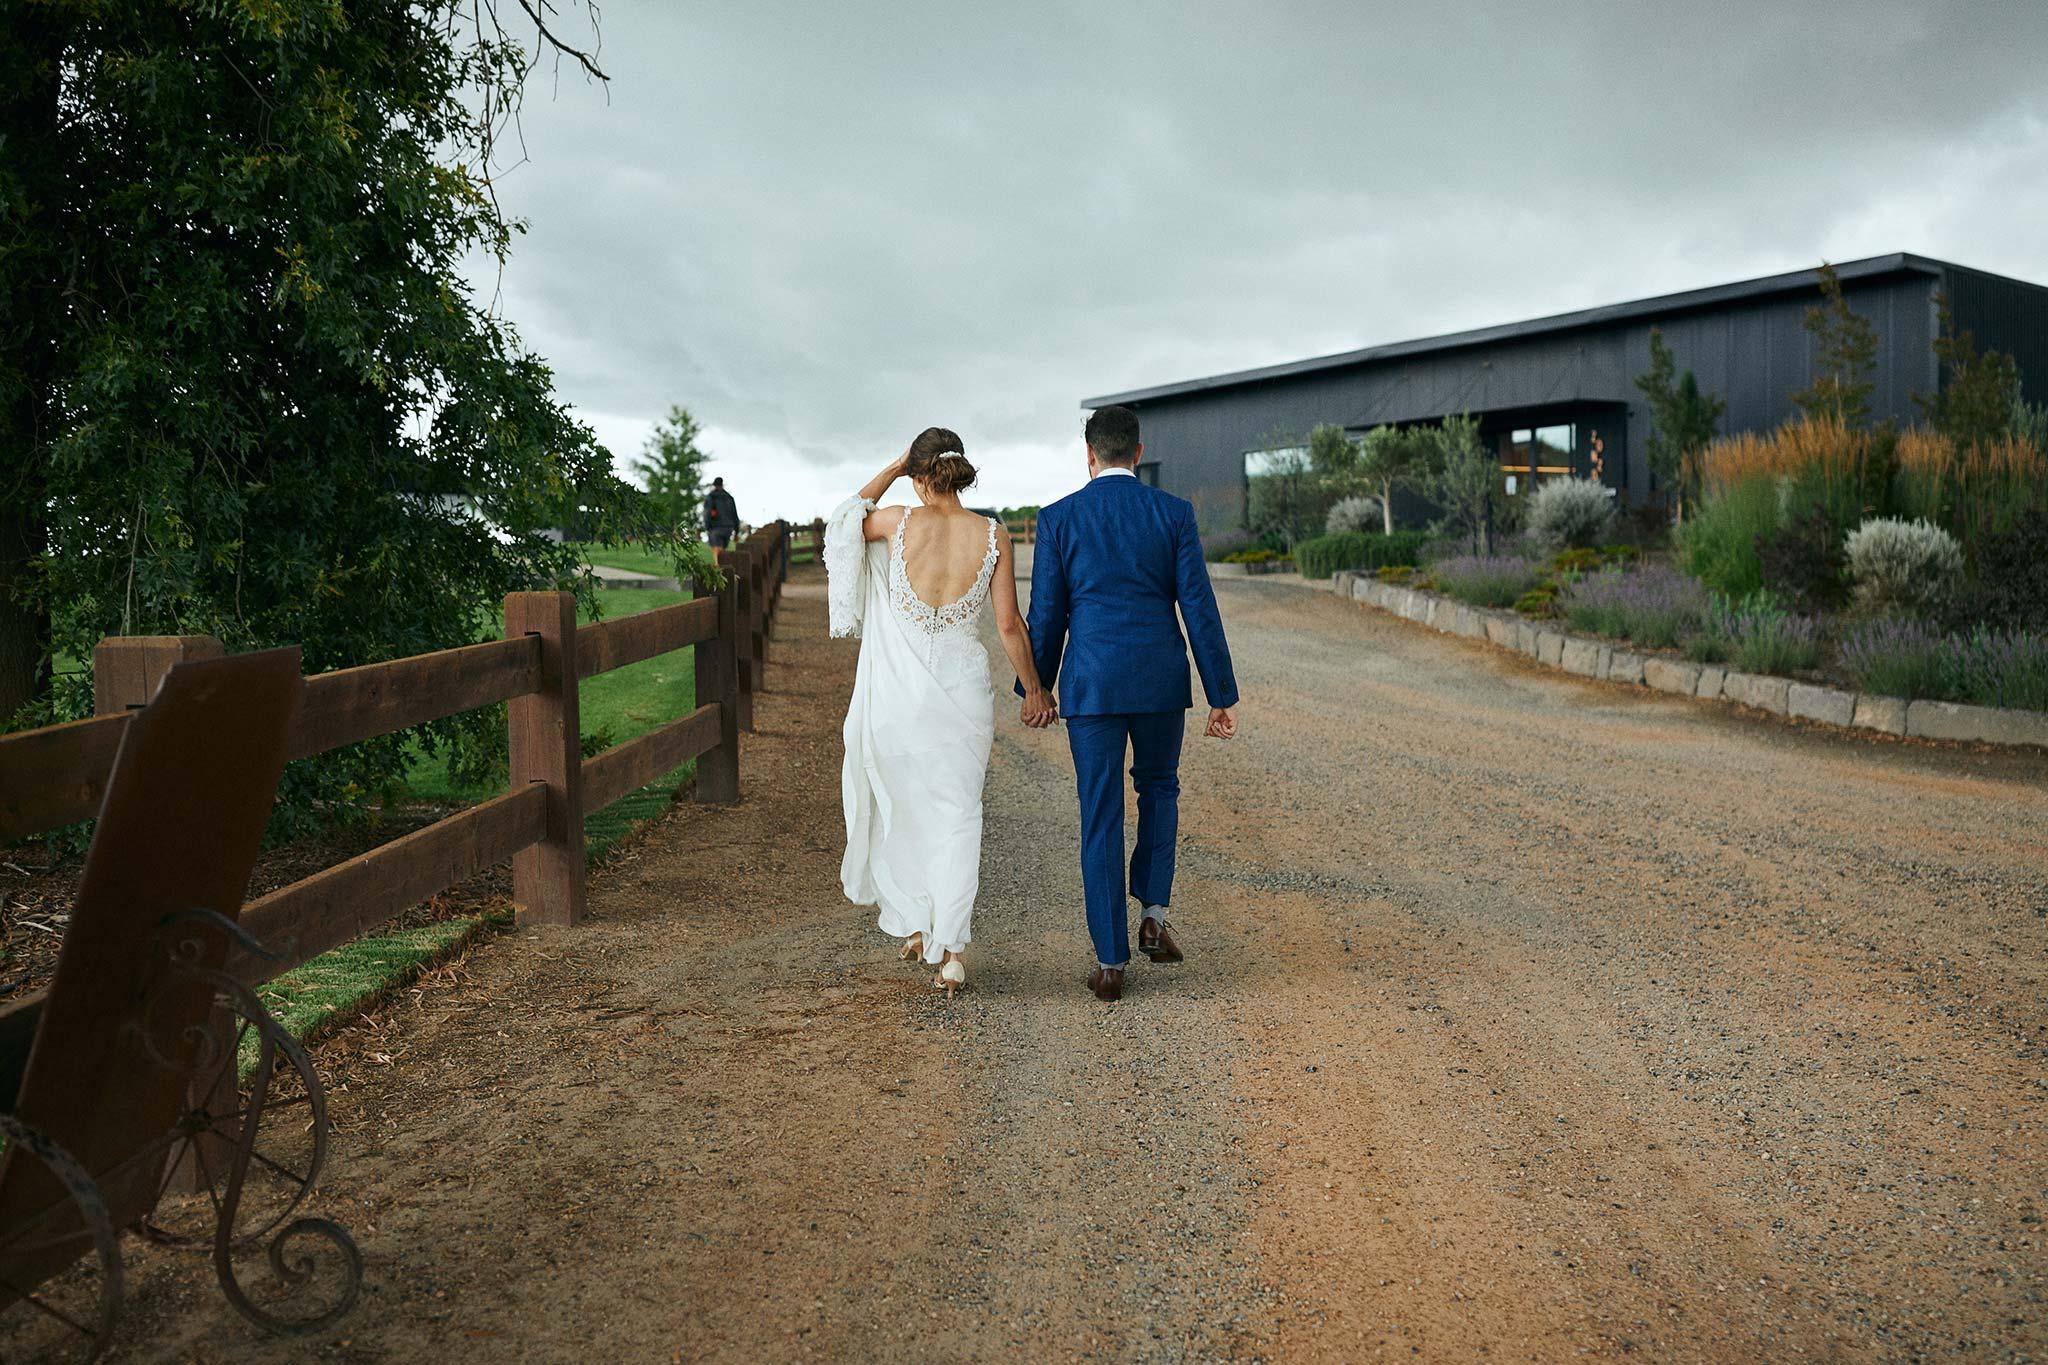 Zonzo estate wedding rain